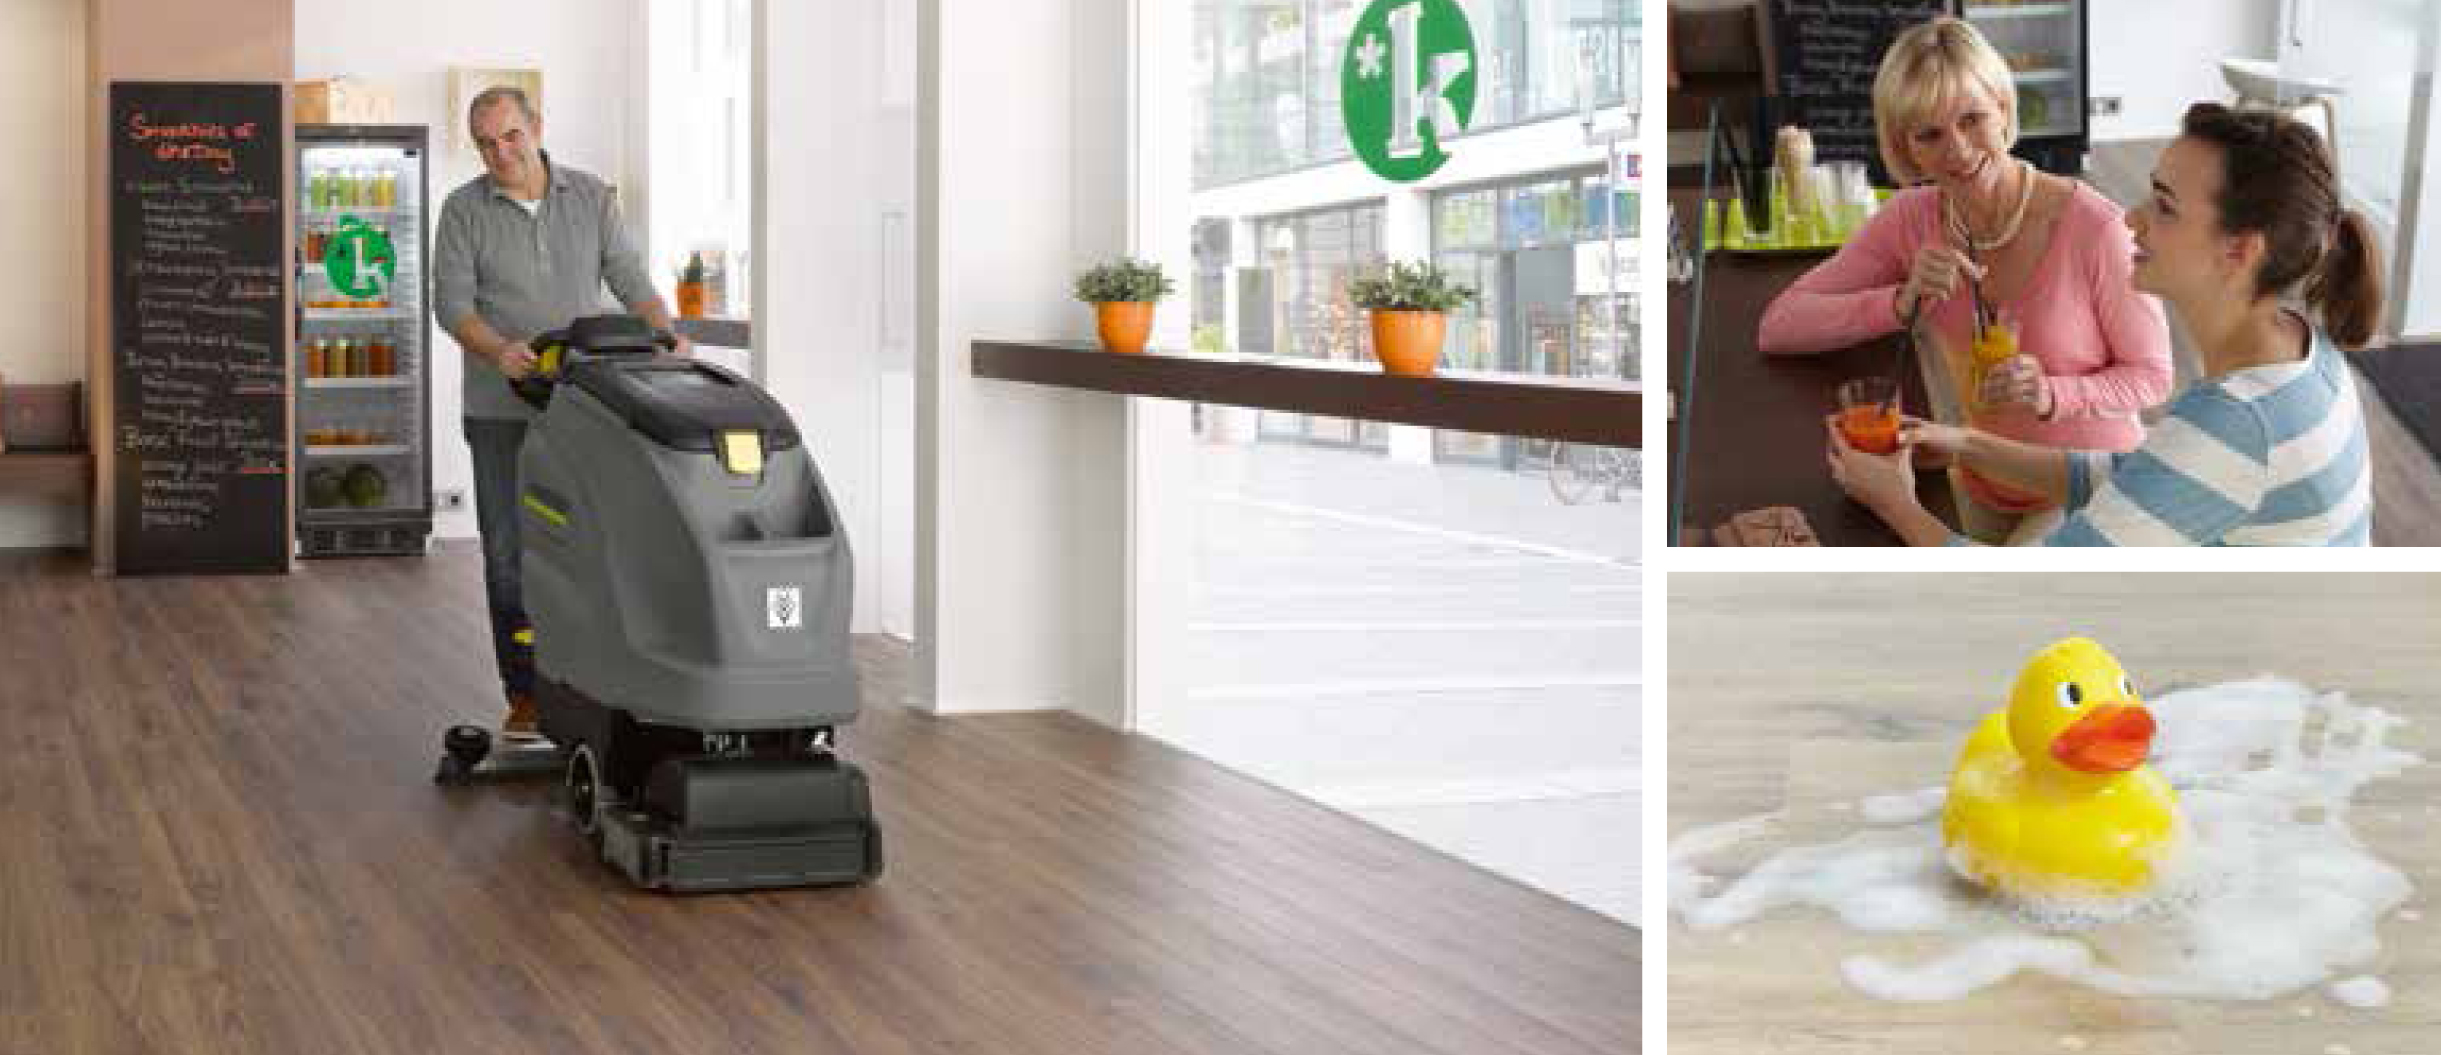 Una de las grandes ventajas es que podrás utilizar la tarima en todos los suelos de tu vivienda o local comercial, unificando el pavimento en todas las estancias. Podrás elegir diferentes tonalidades con efecto madera.